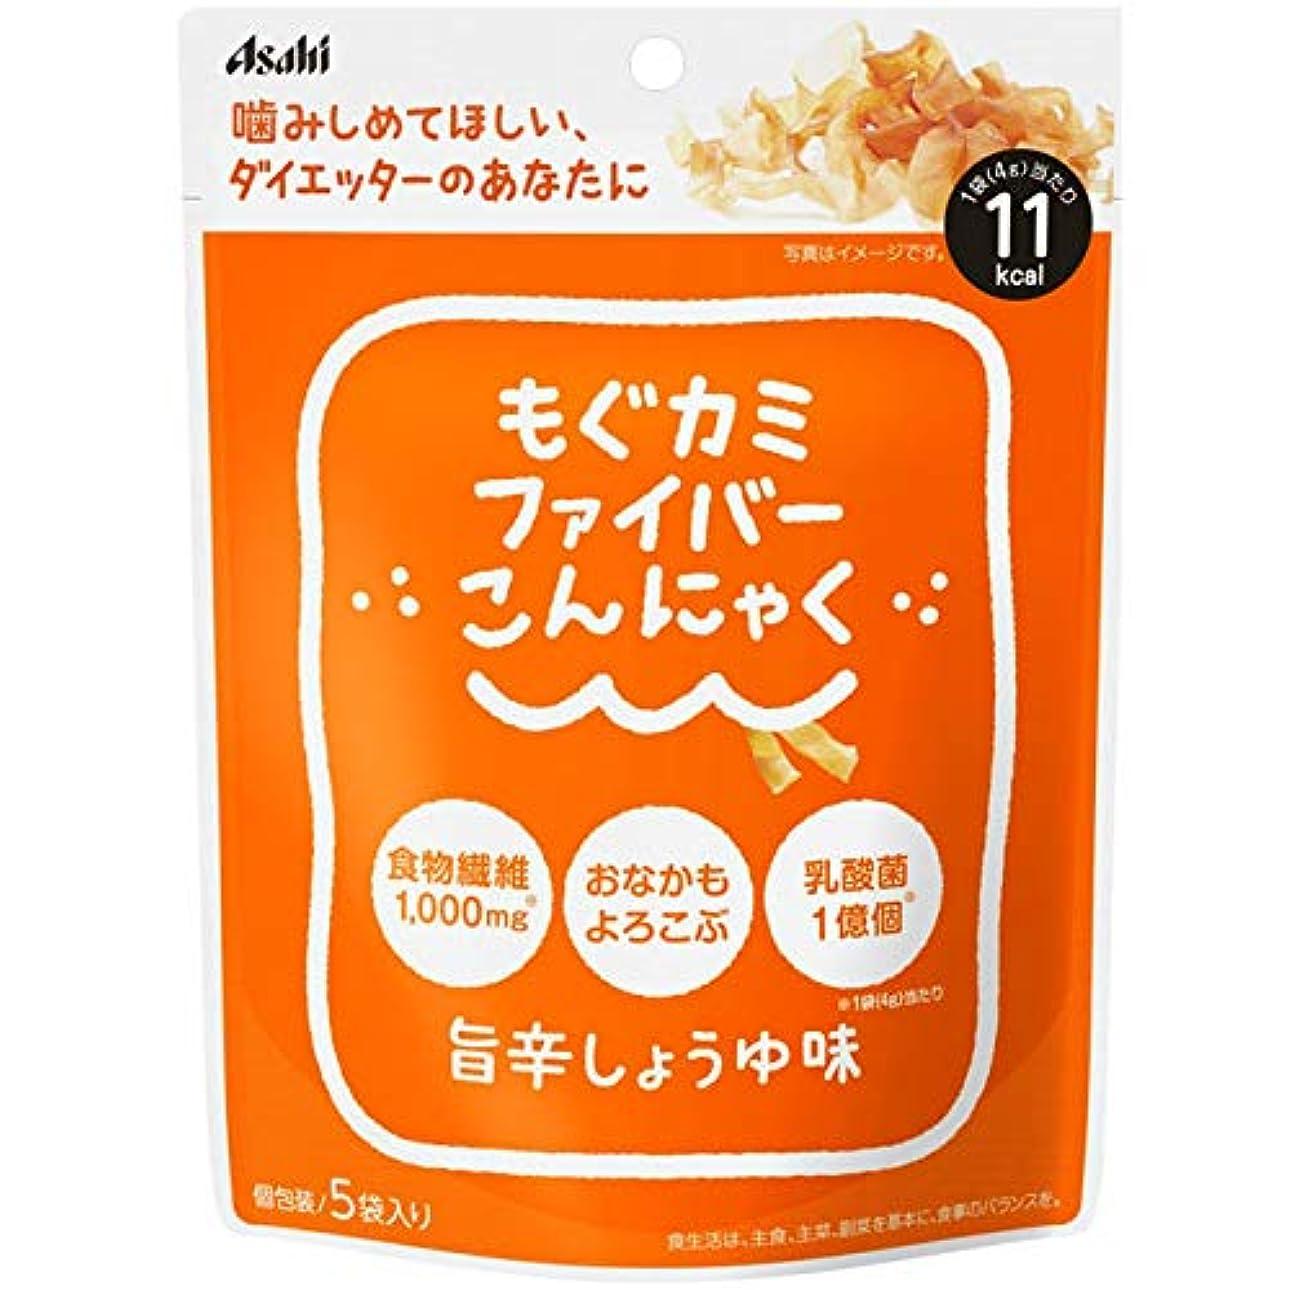 トーナメント降下箱◆アサヒグループ食品 もぐカミファイバーこんにゃく 旨辛しょうゆ味 4g×5袋